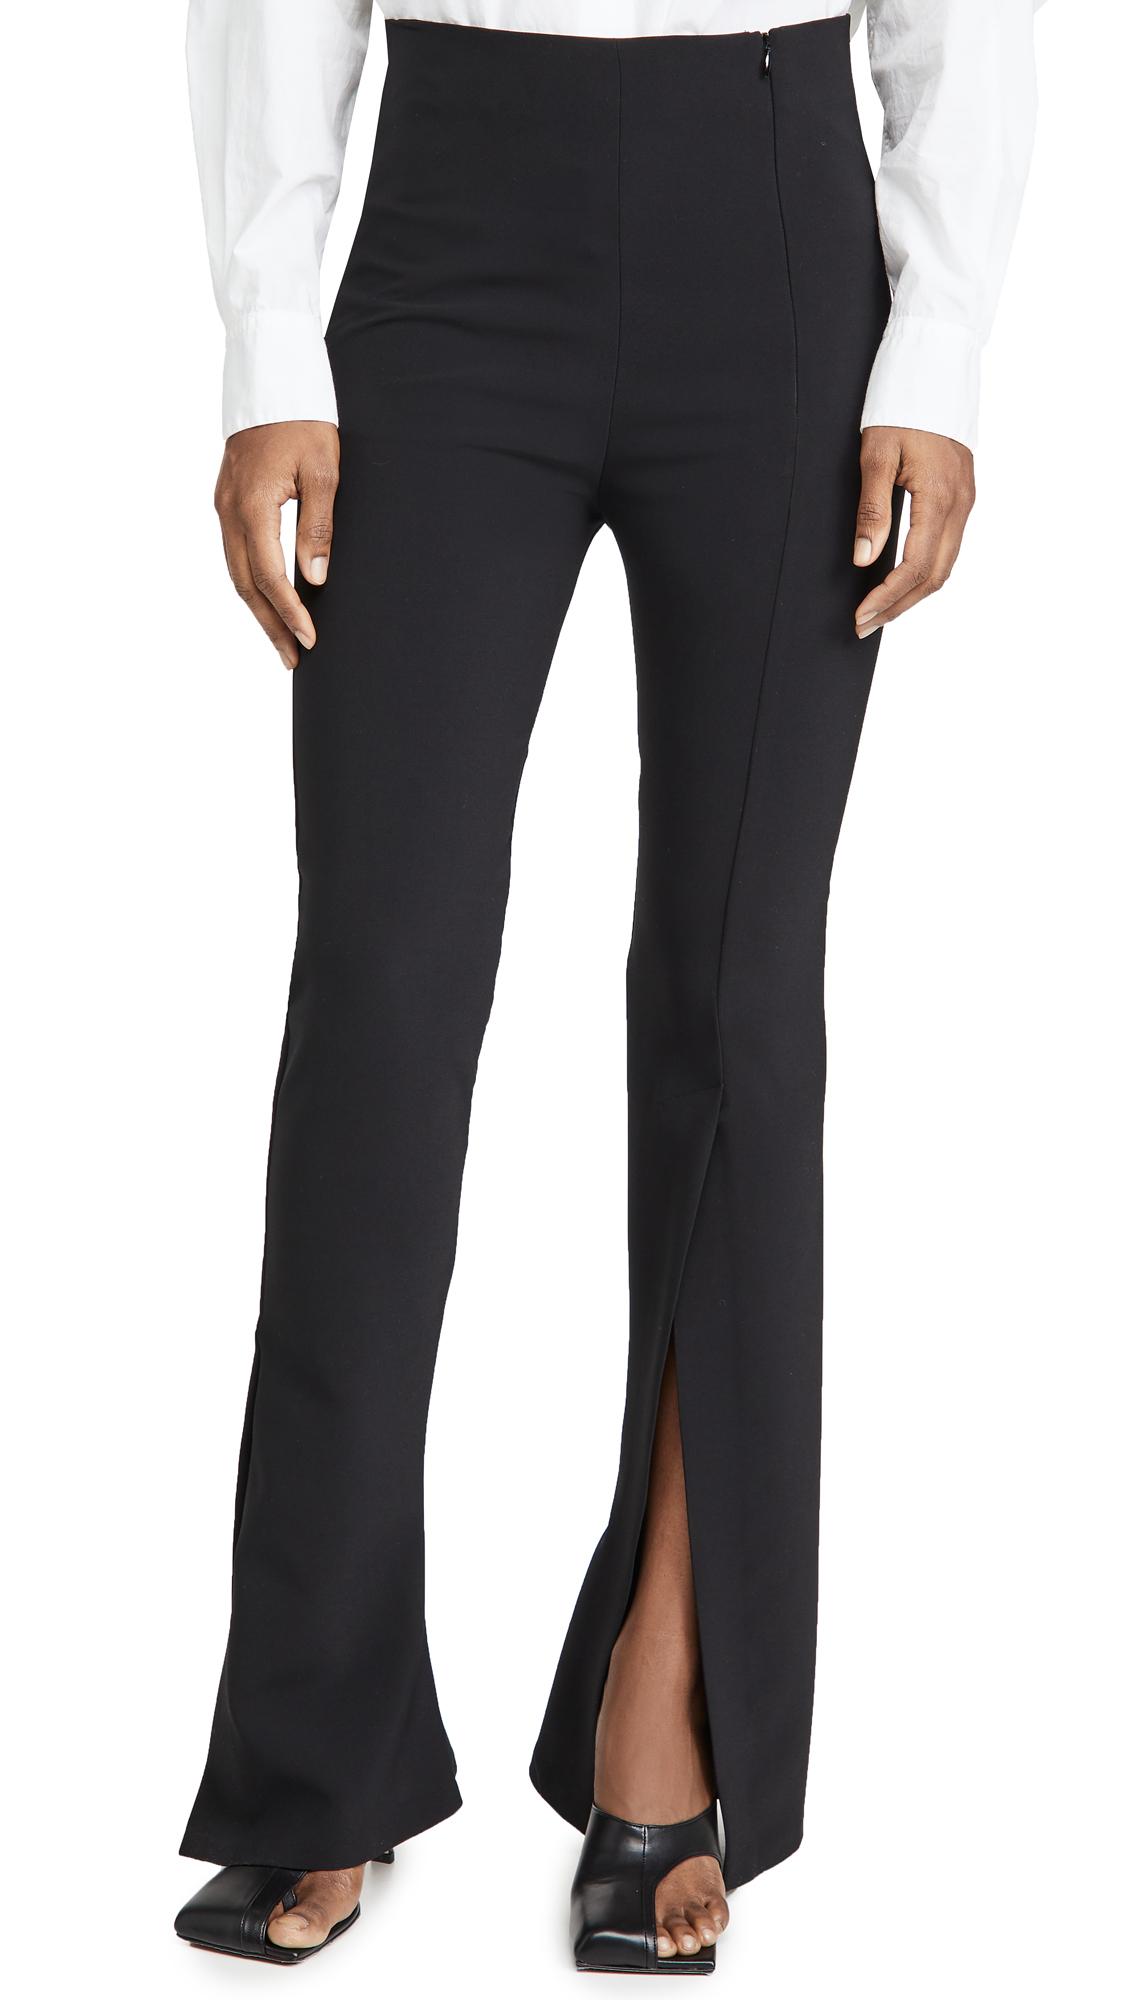 A.W.A.K.E MODE Slim Leg Trousers